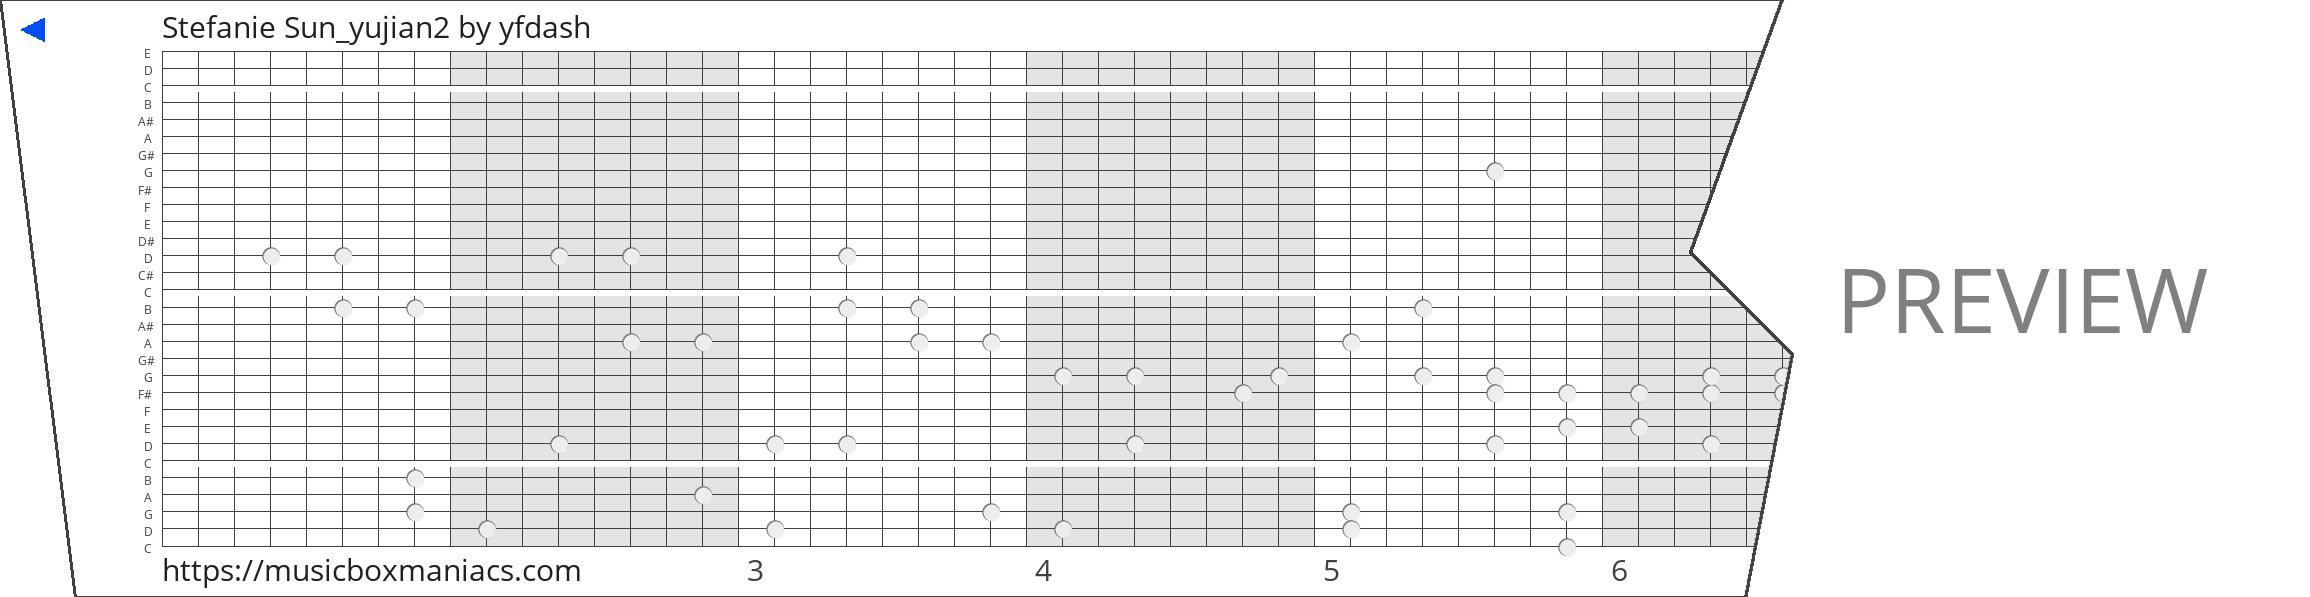 Stefanie Sun_yujian2 30 note music box paper strip